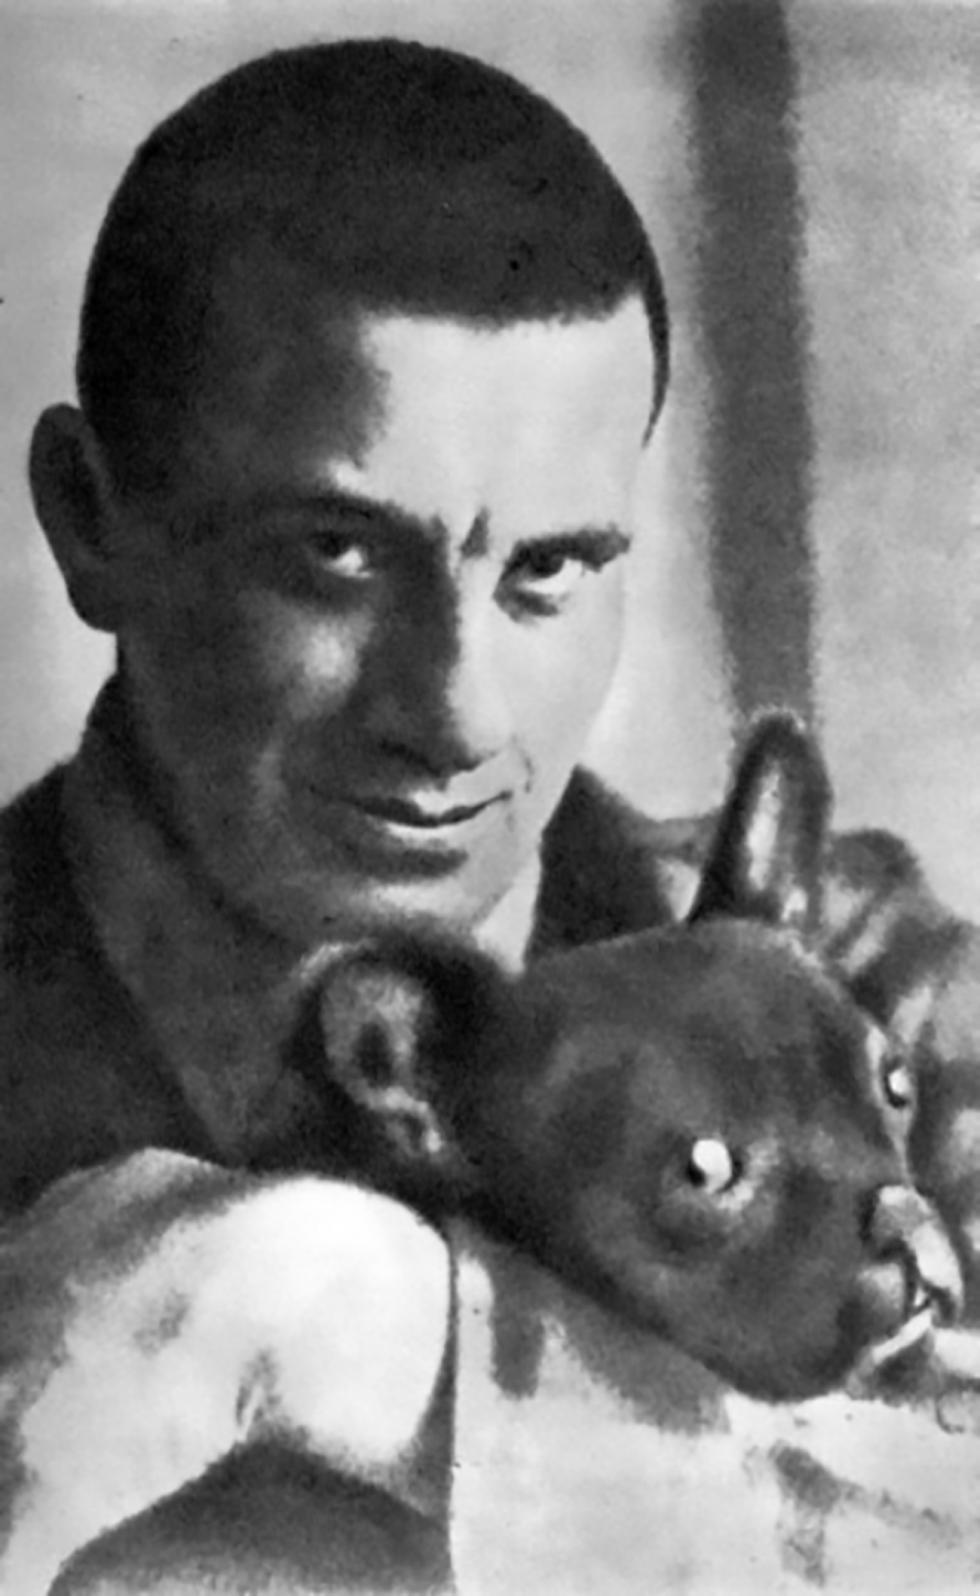 弗拉基米尔·马雅可夫斯基与斗牛犬布尔卡。图片来源:档案图片